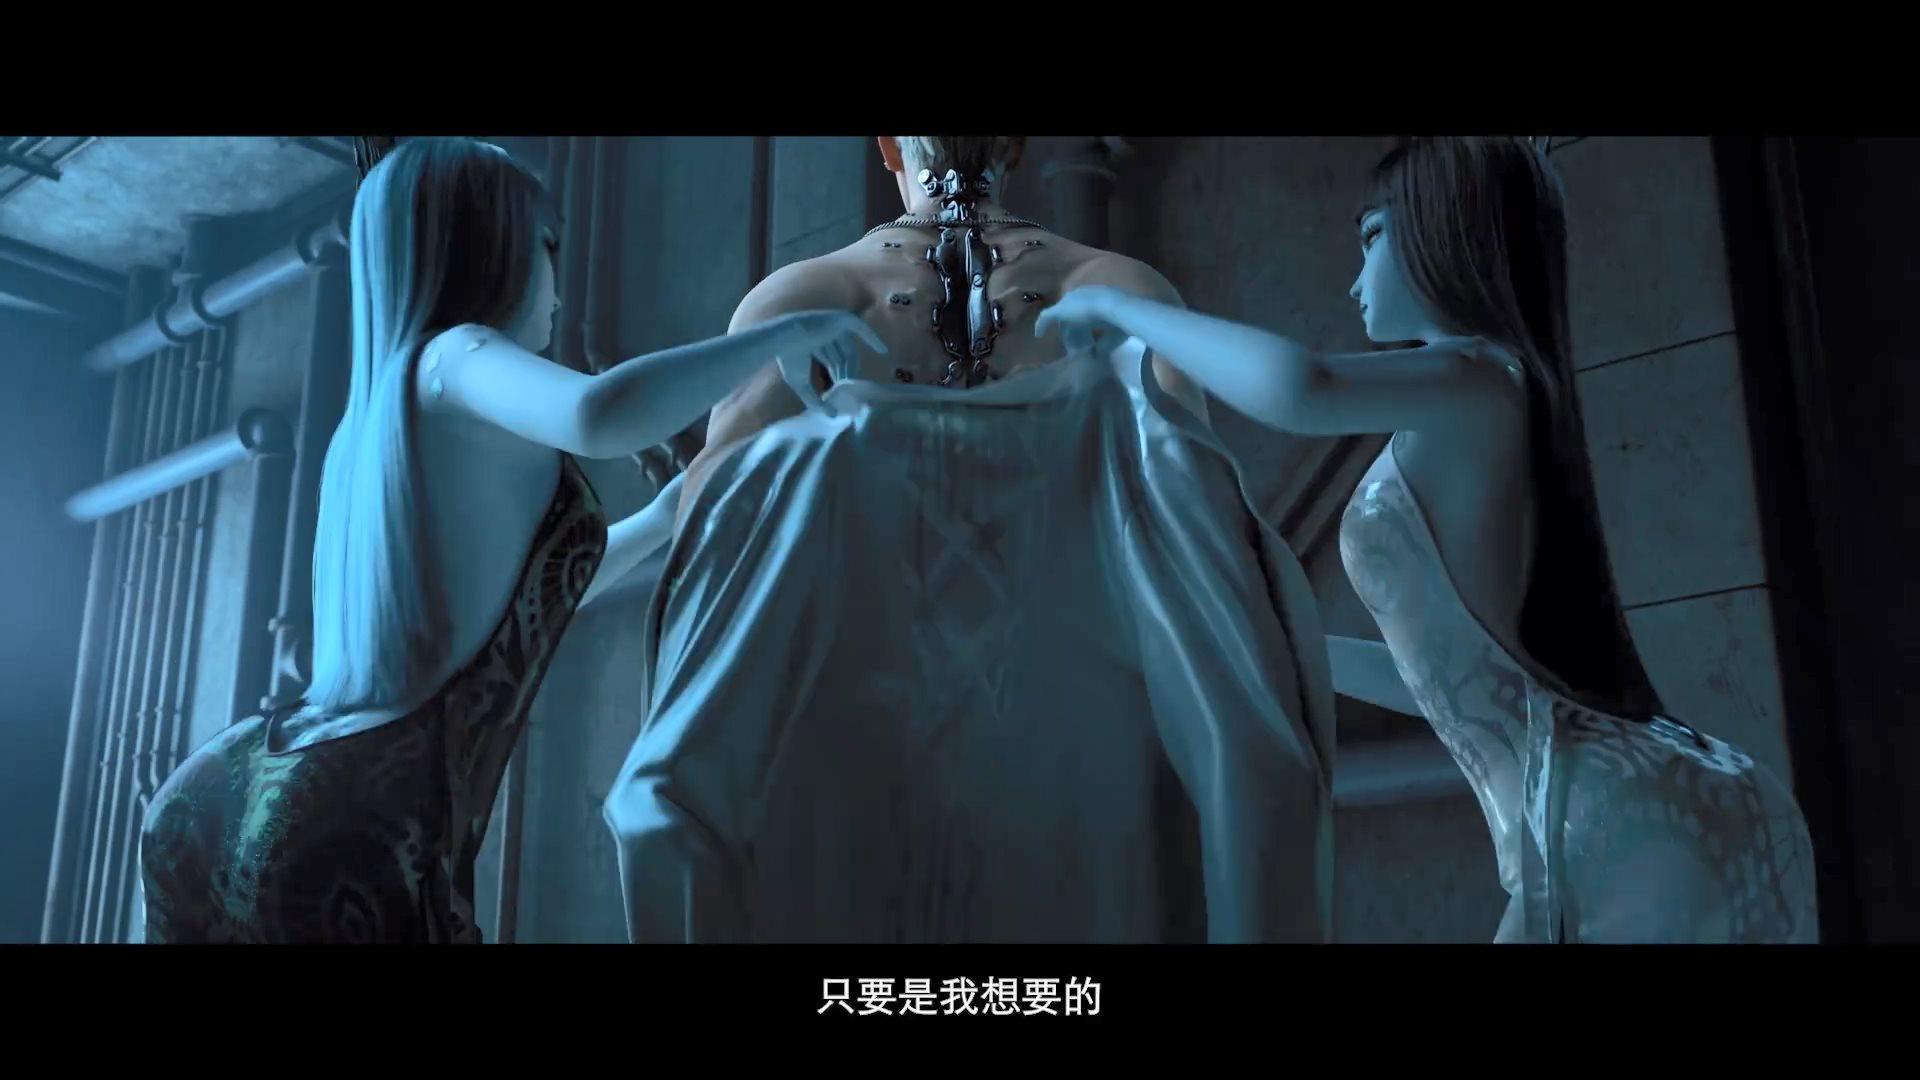 《新神榜:哪吒重生》角色预告 讲述不一样的封神恩怨